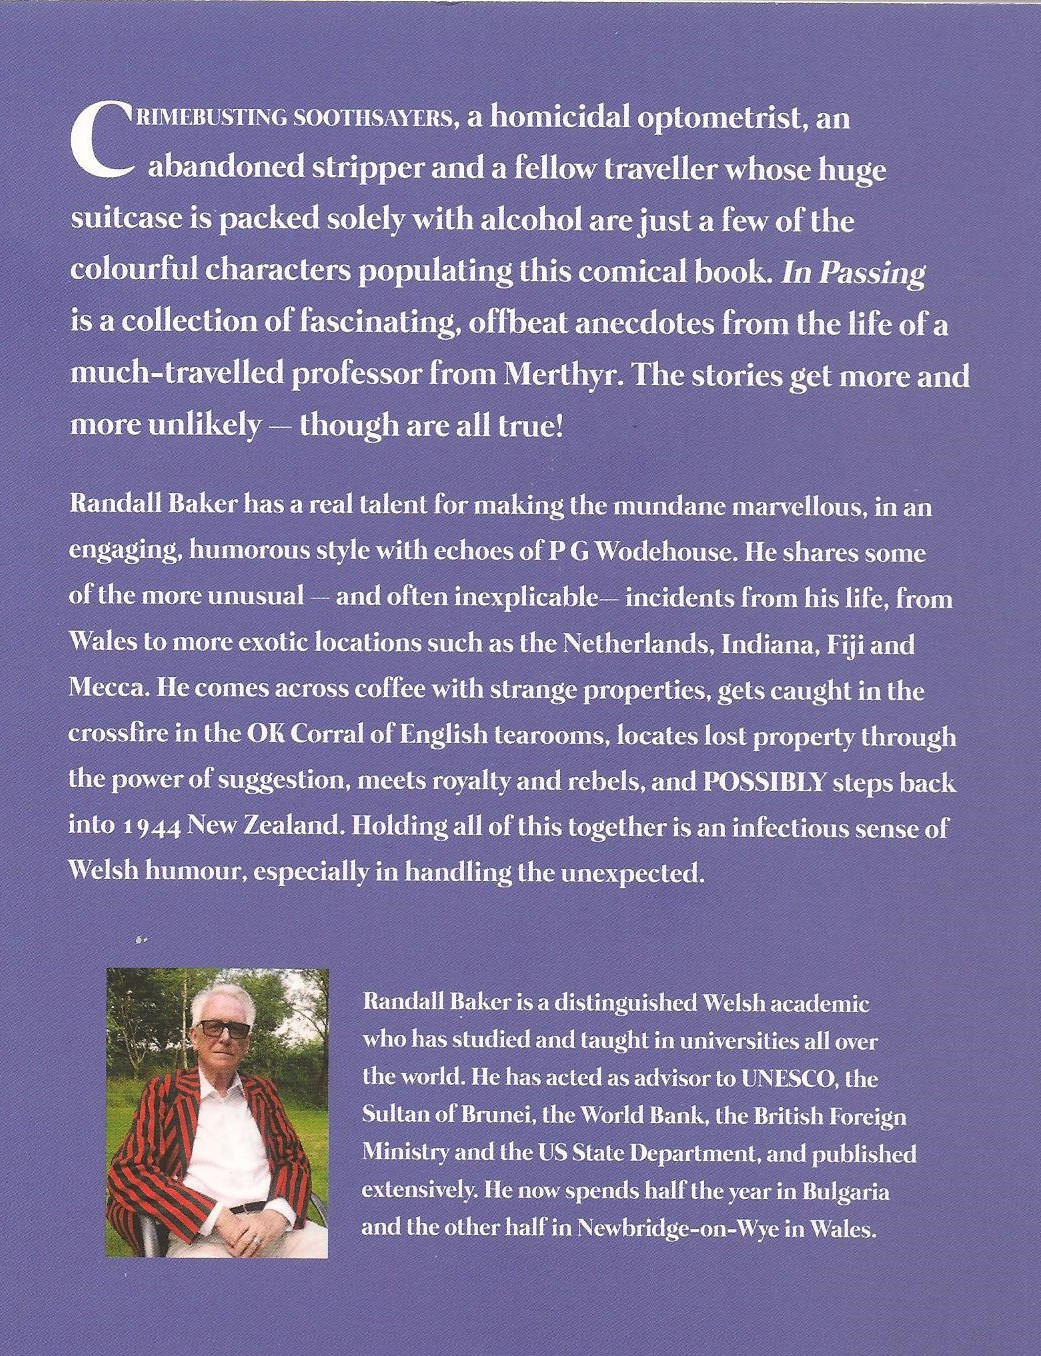 Randall Baker write up